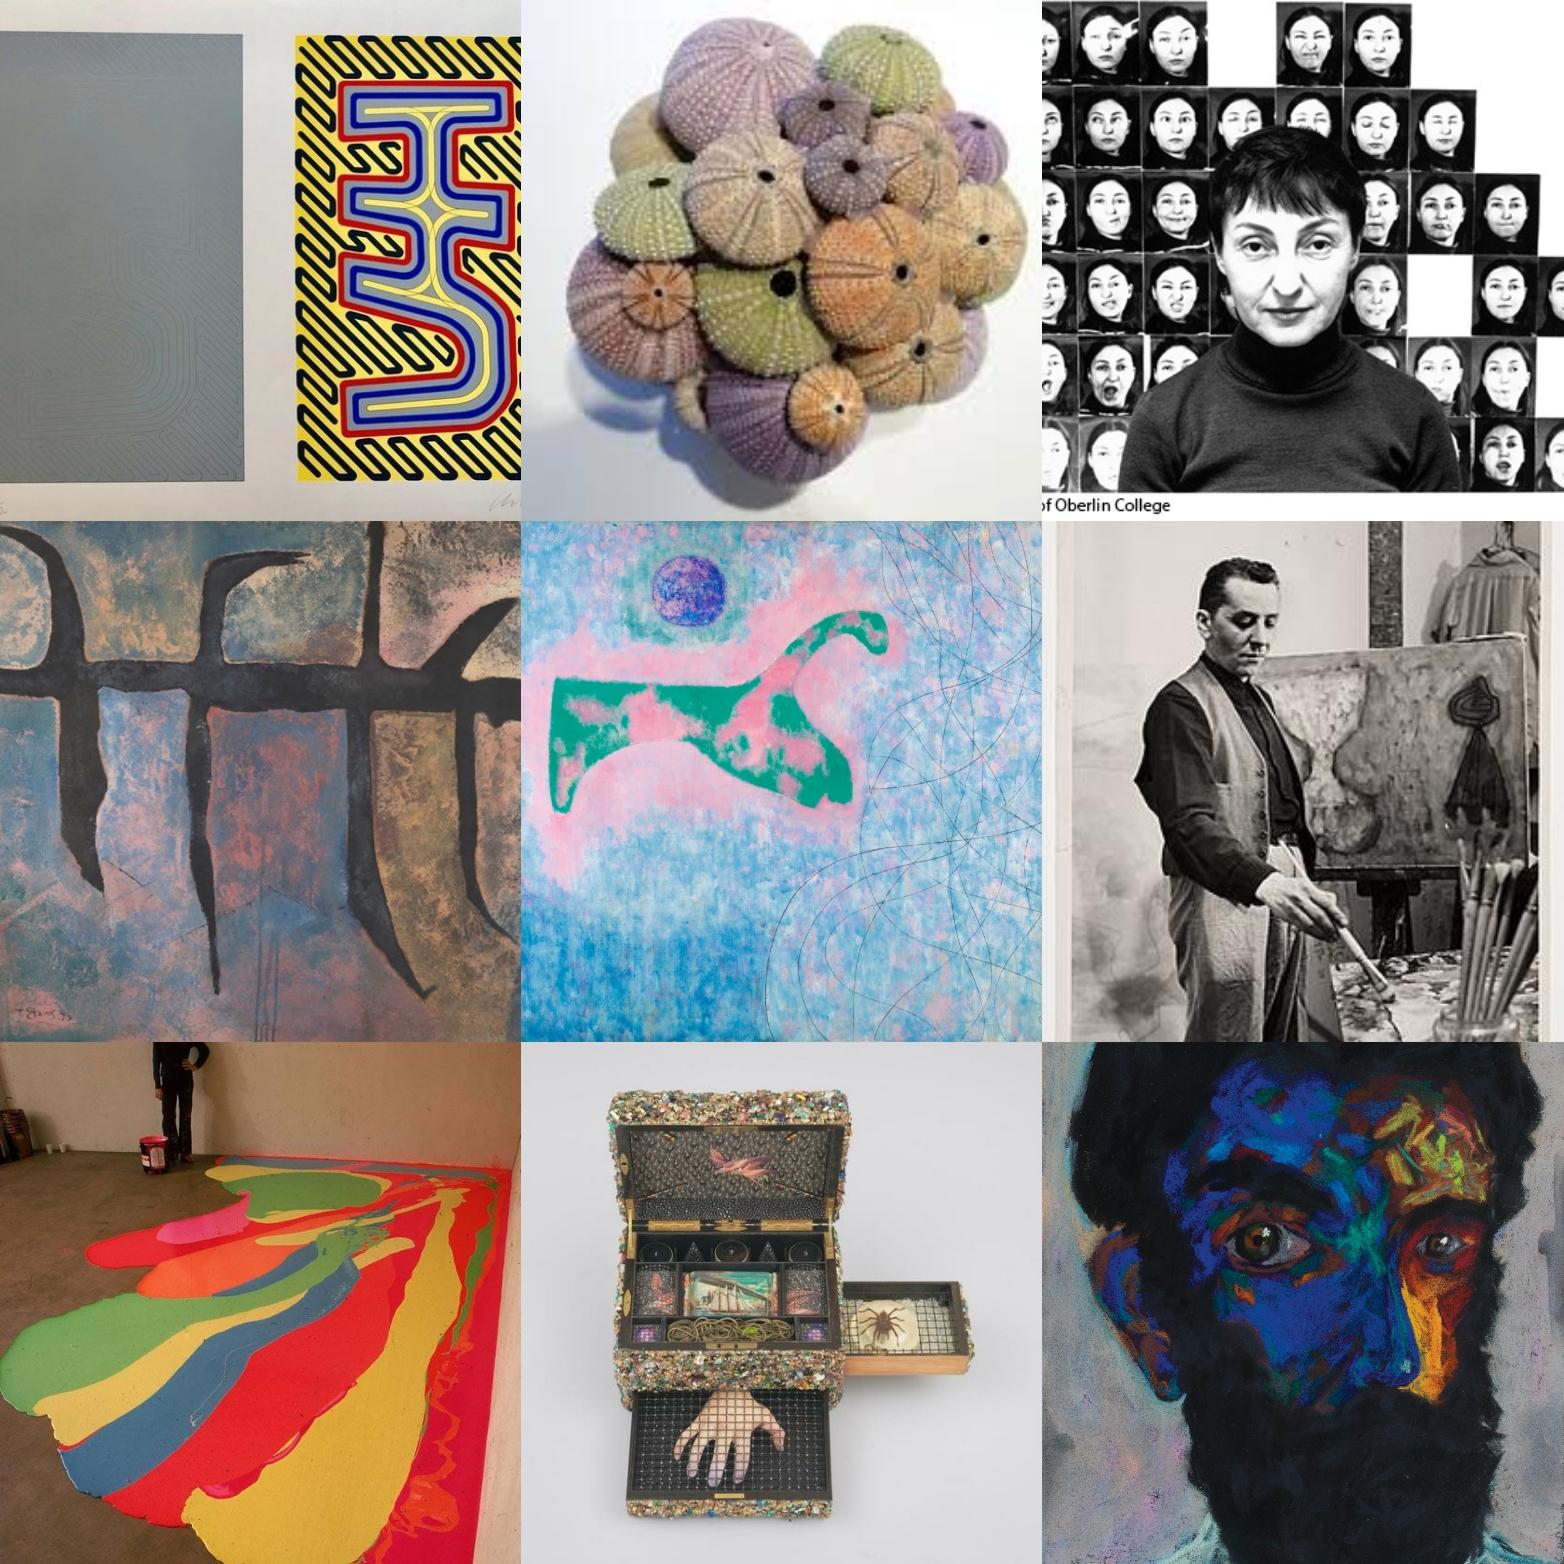 έξι ελληνοαμερικανοί καλλιτέχνες